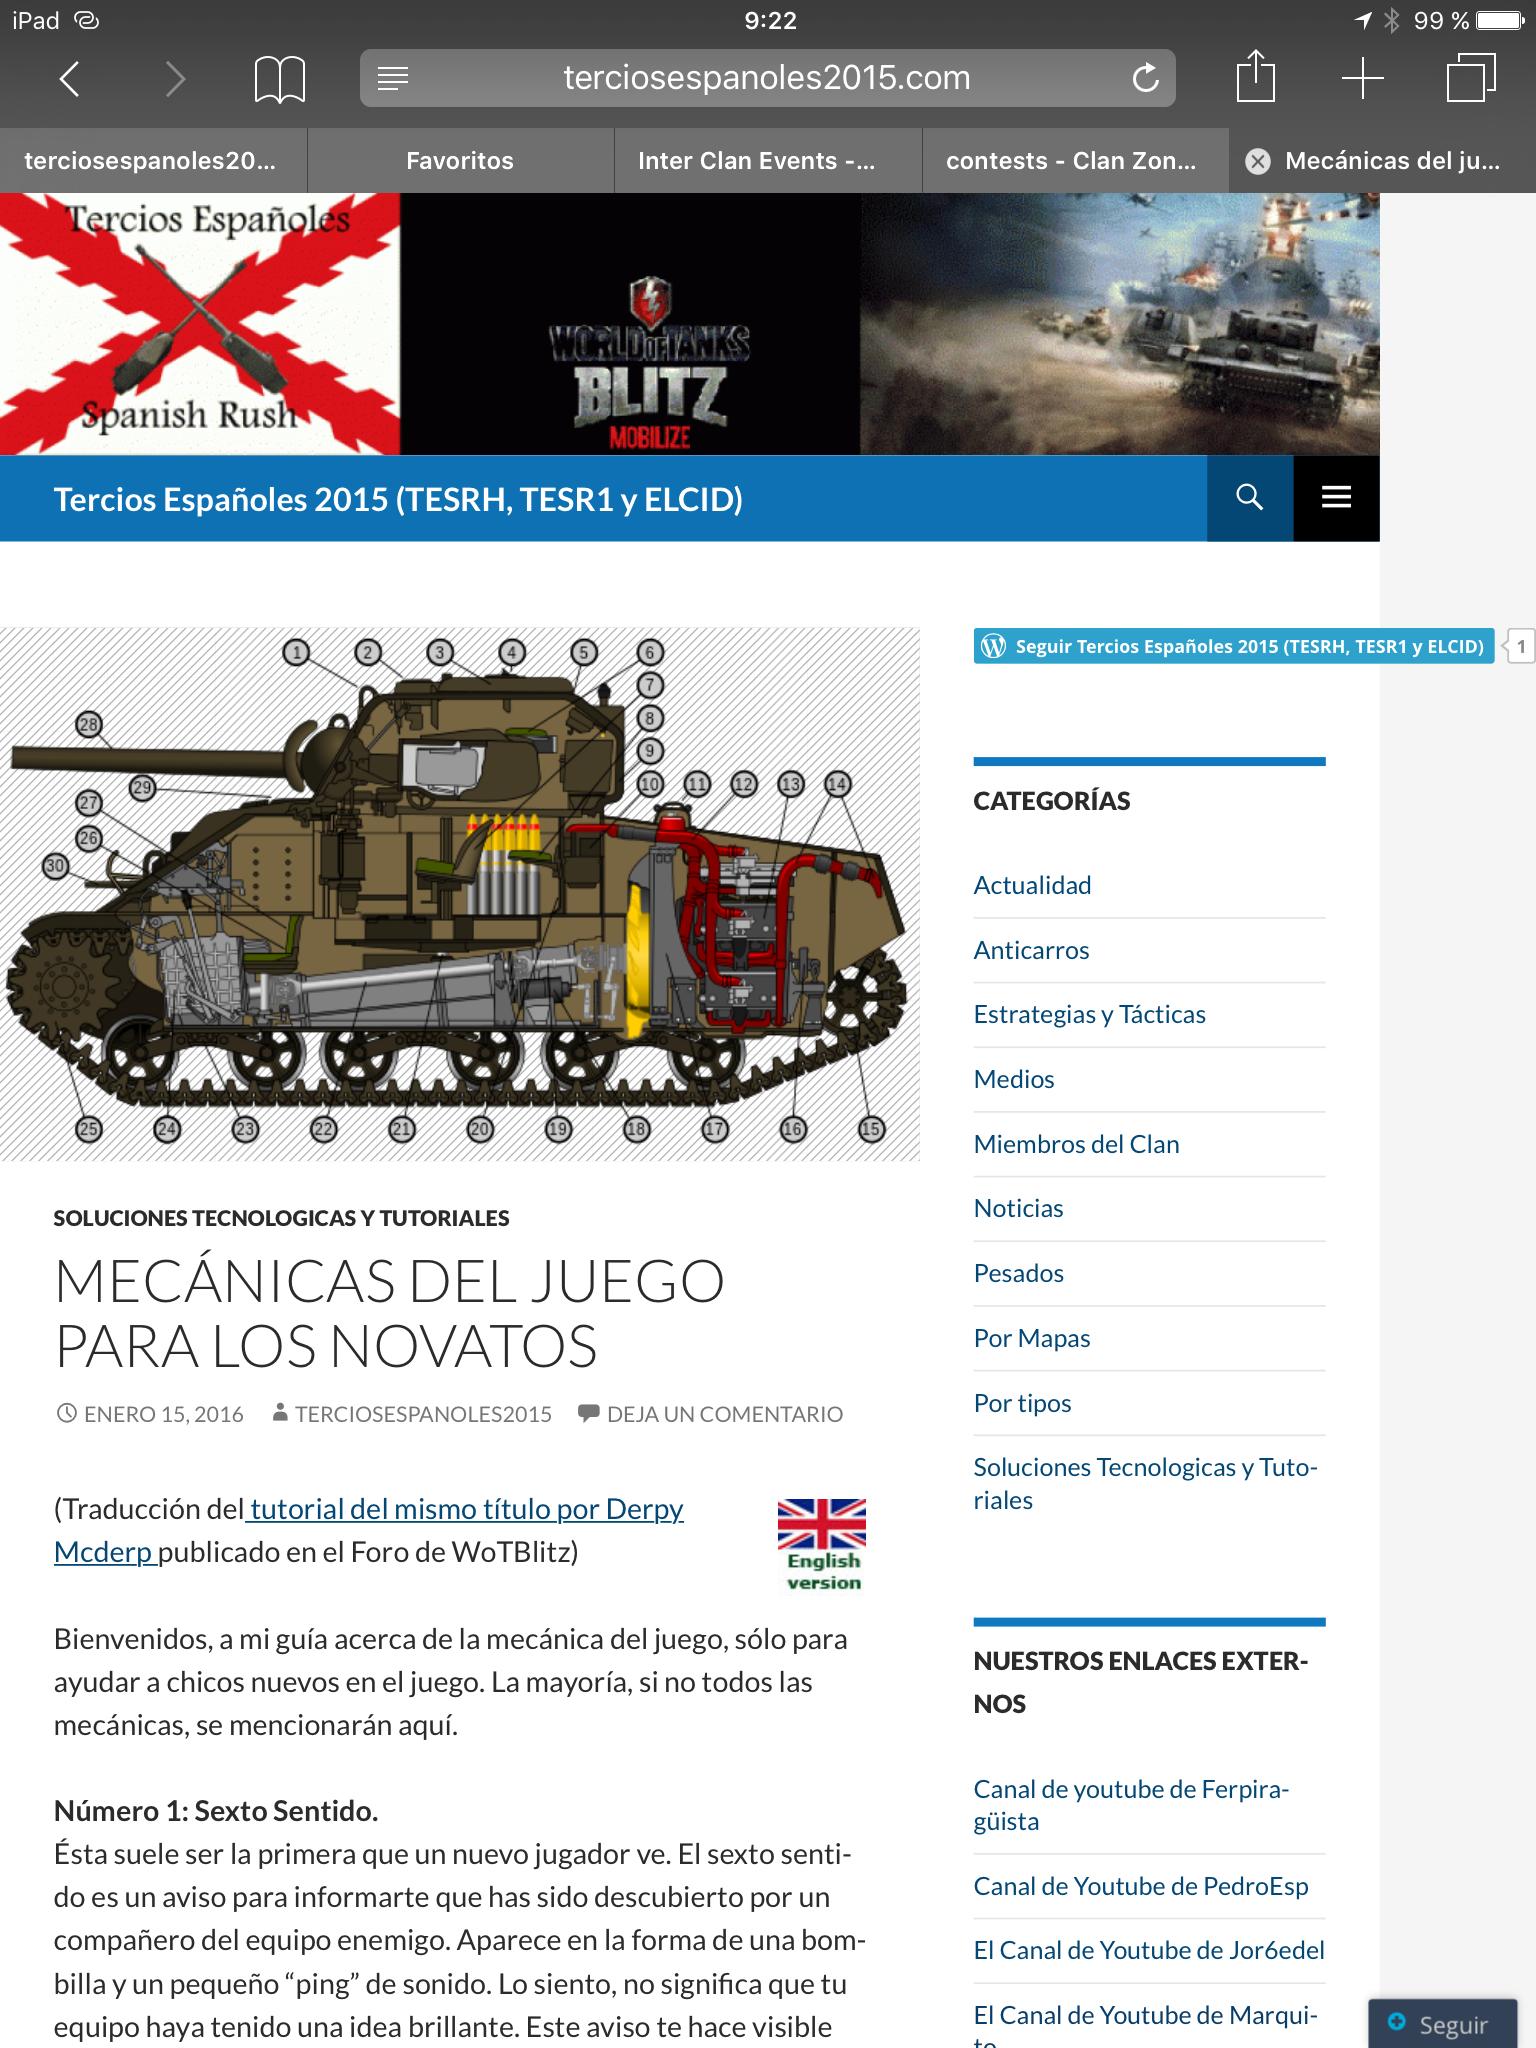 La Web de Tercios Españoles contará con una versión en